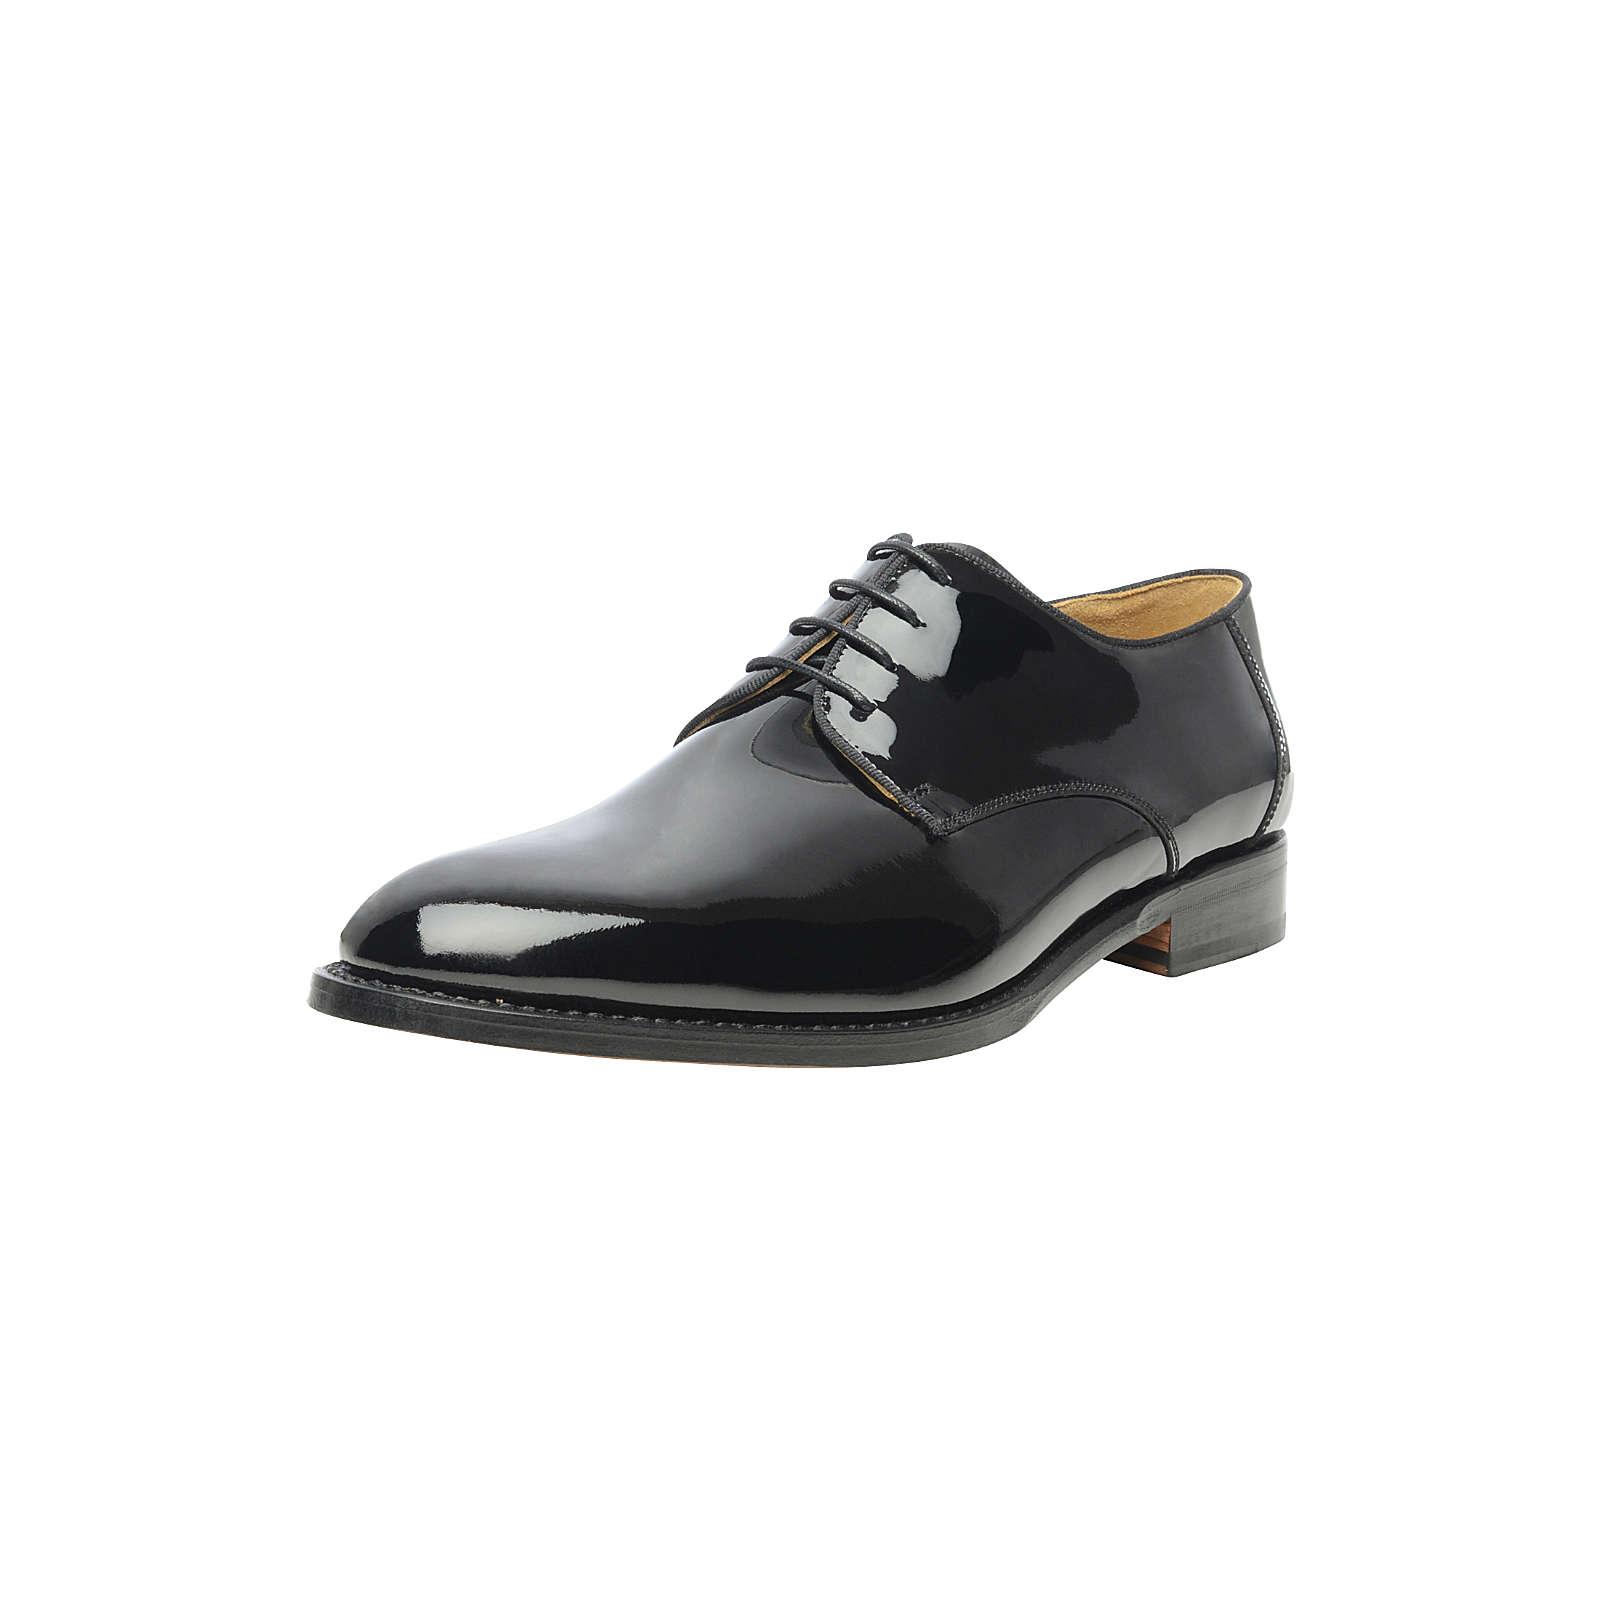 Shoepassion Businessschuhe No. 570 Business-Schnürschuhe schwarz Herren Gr. 40 2/3